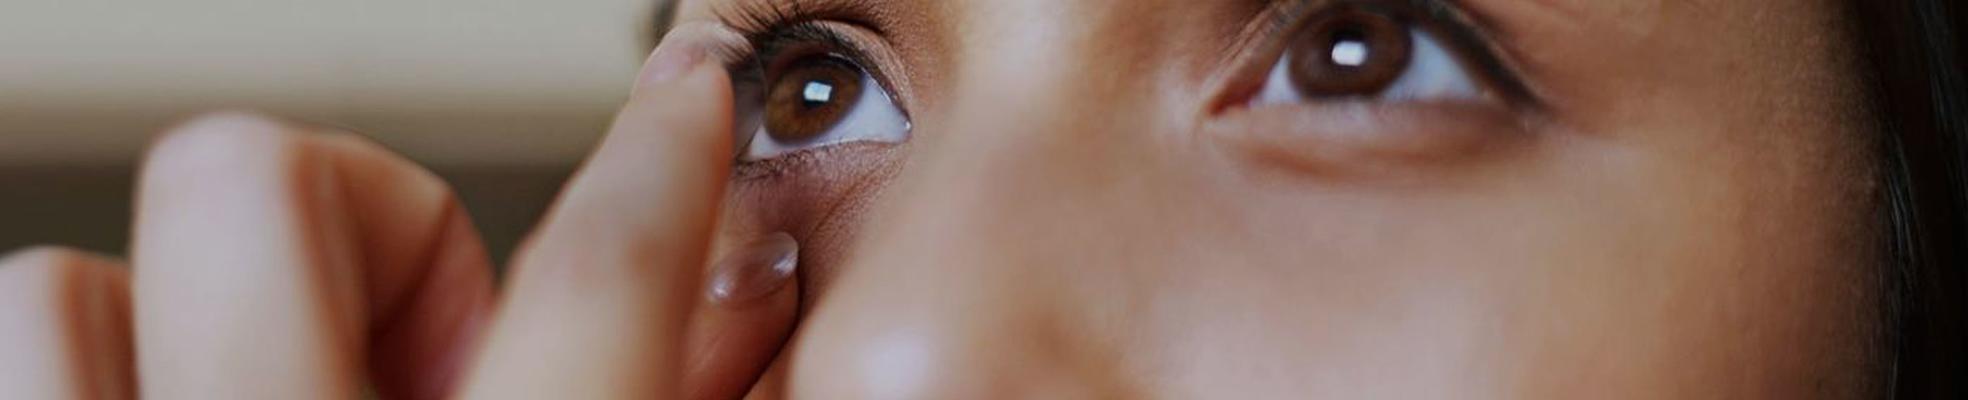 Как правильно надевать и снимать контактные линзы: подробная инструкция